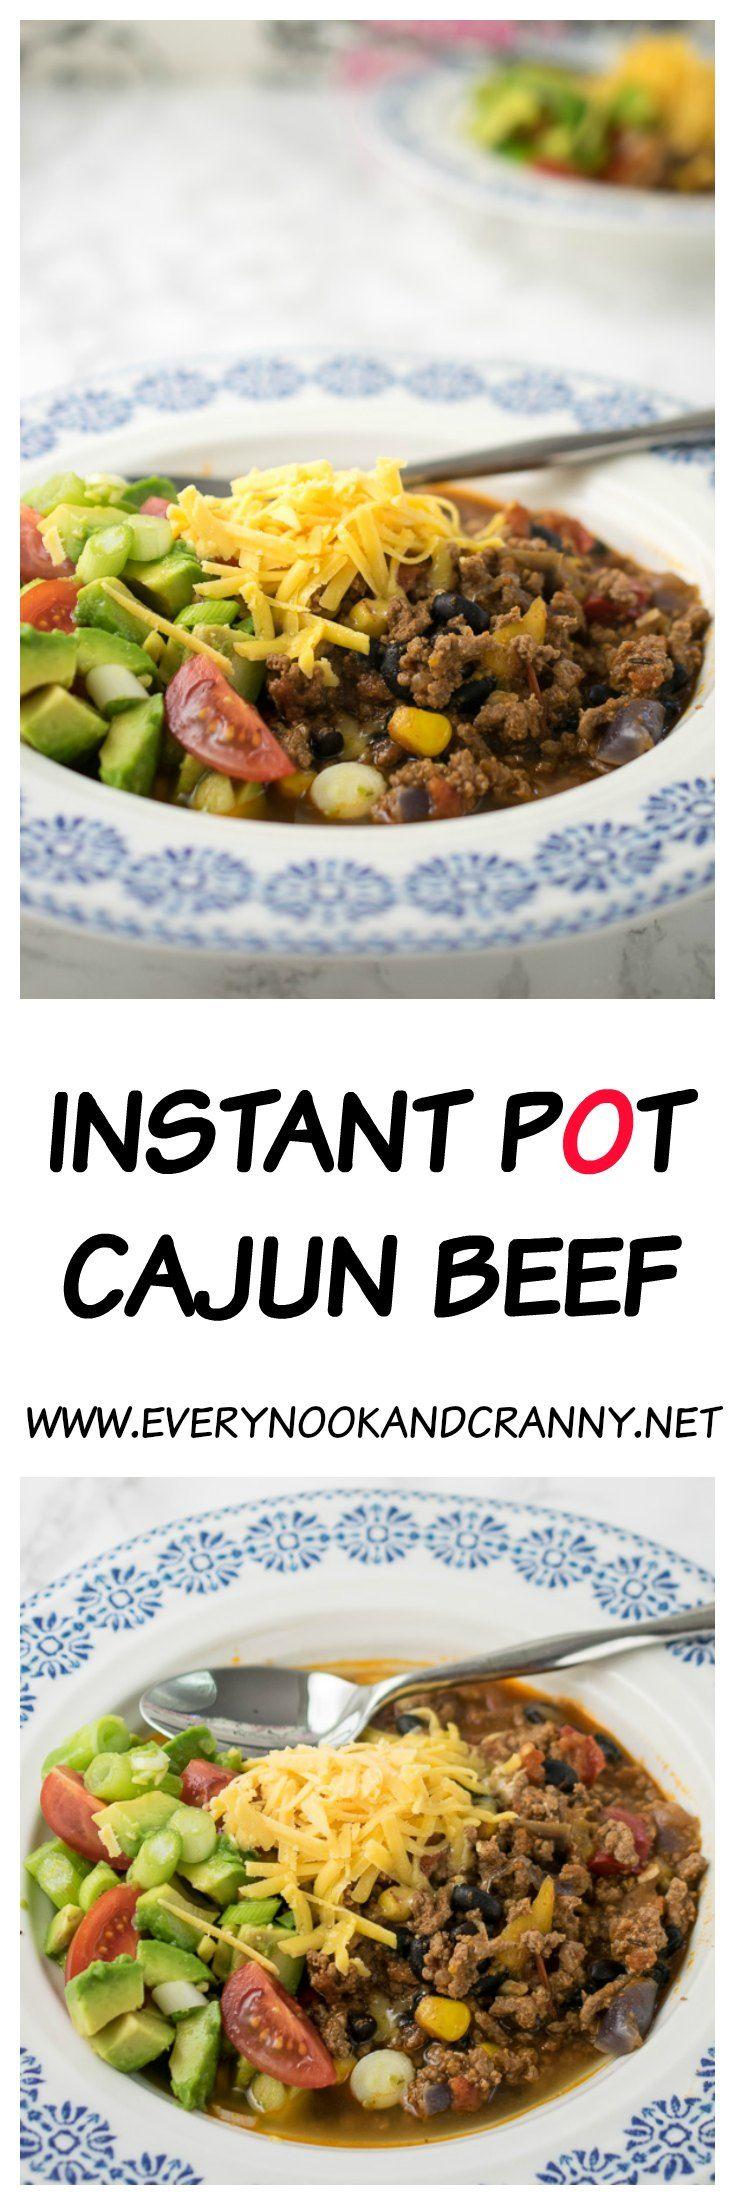 Instant Pot Cajun Beef - Every Nook & Cranny   Recipe ...